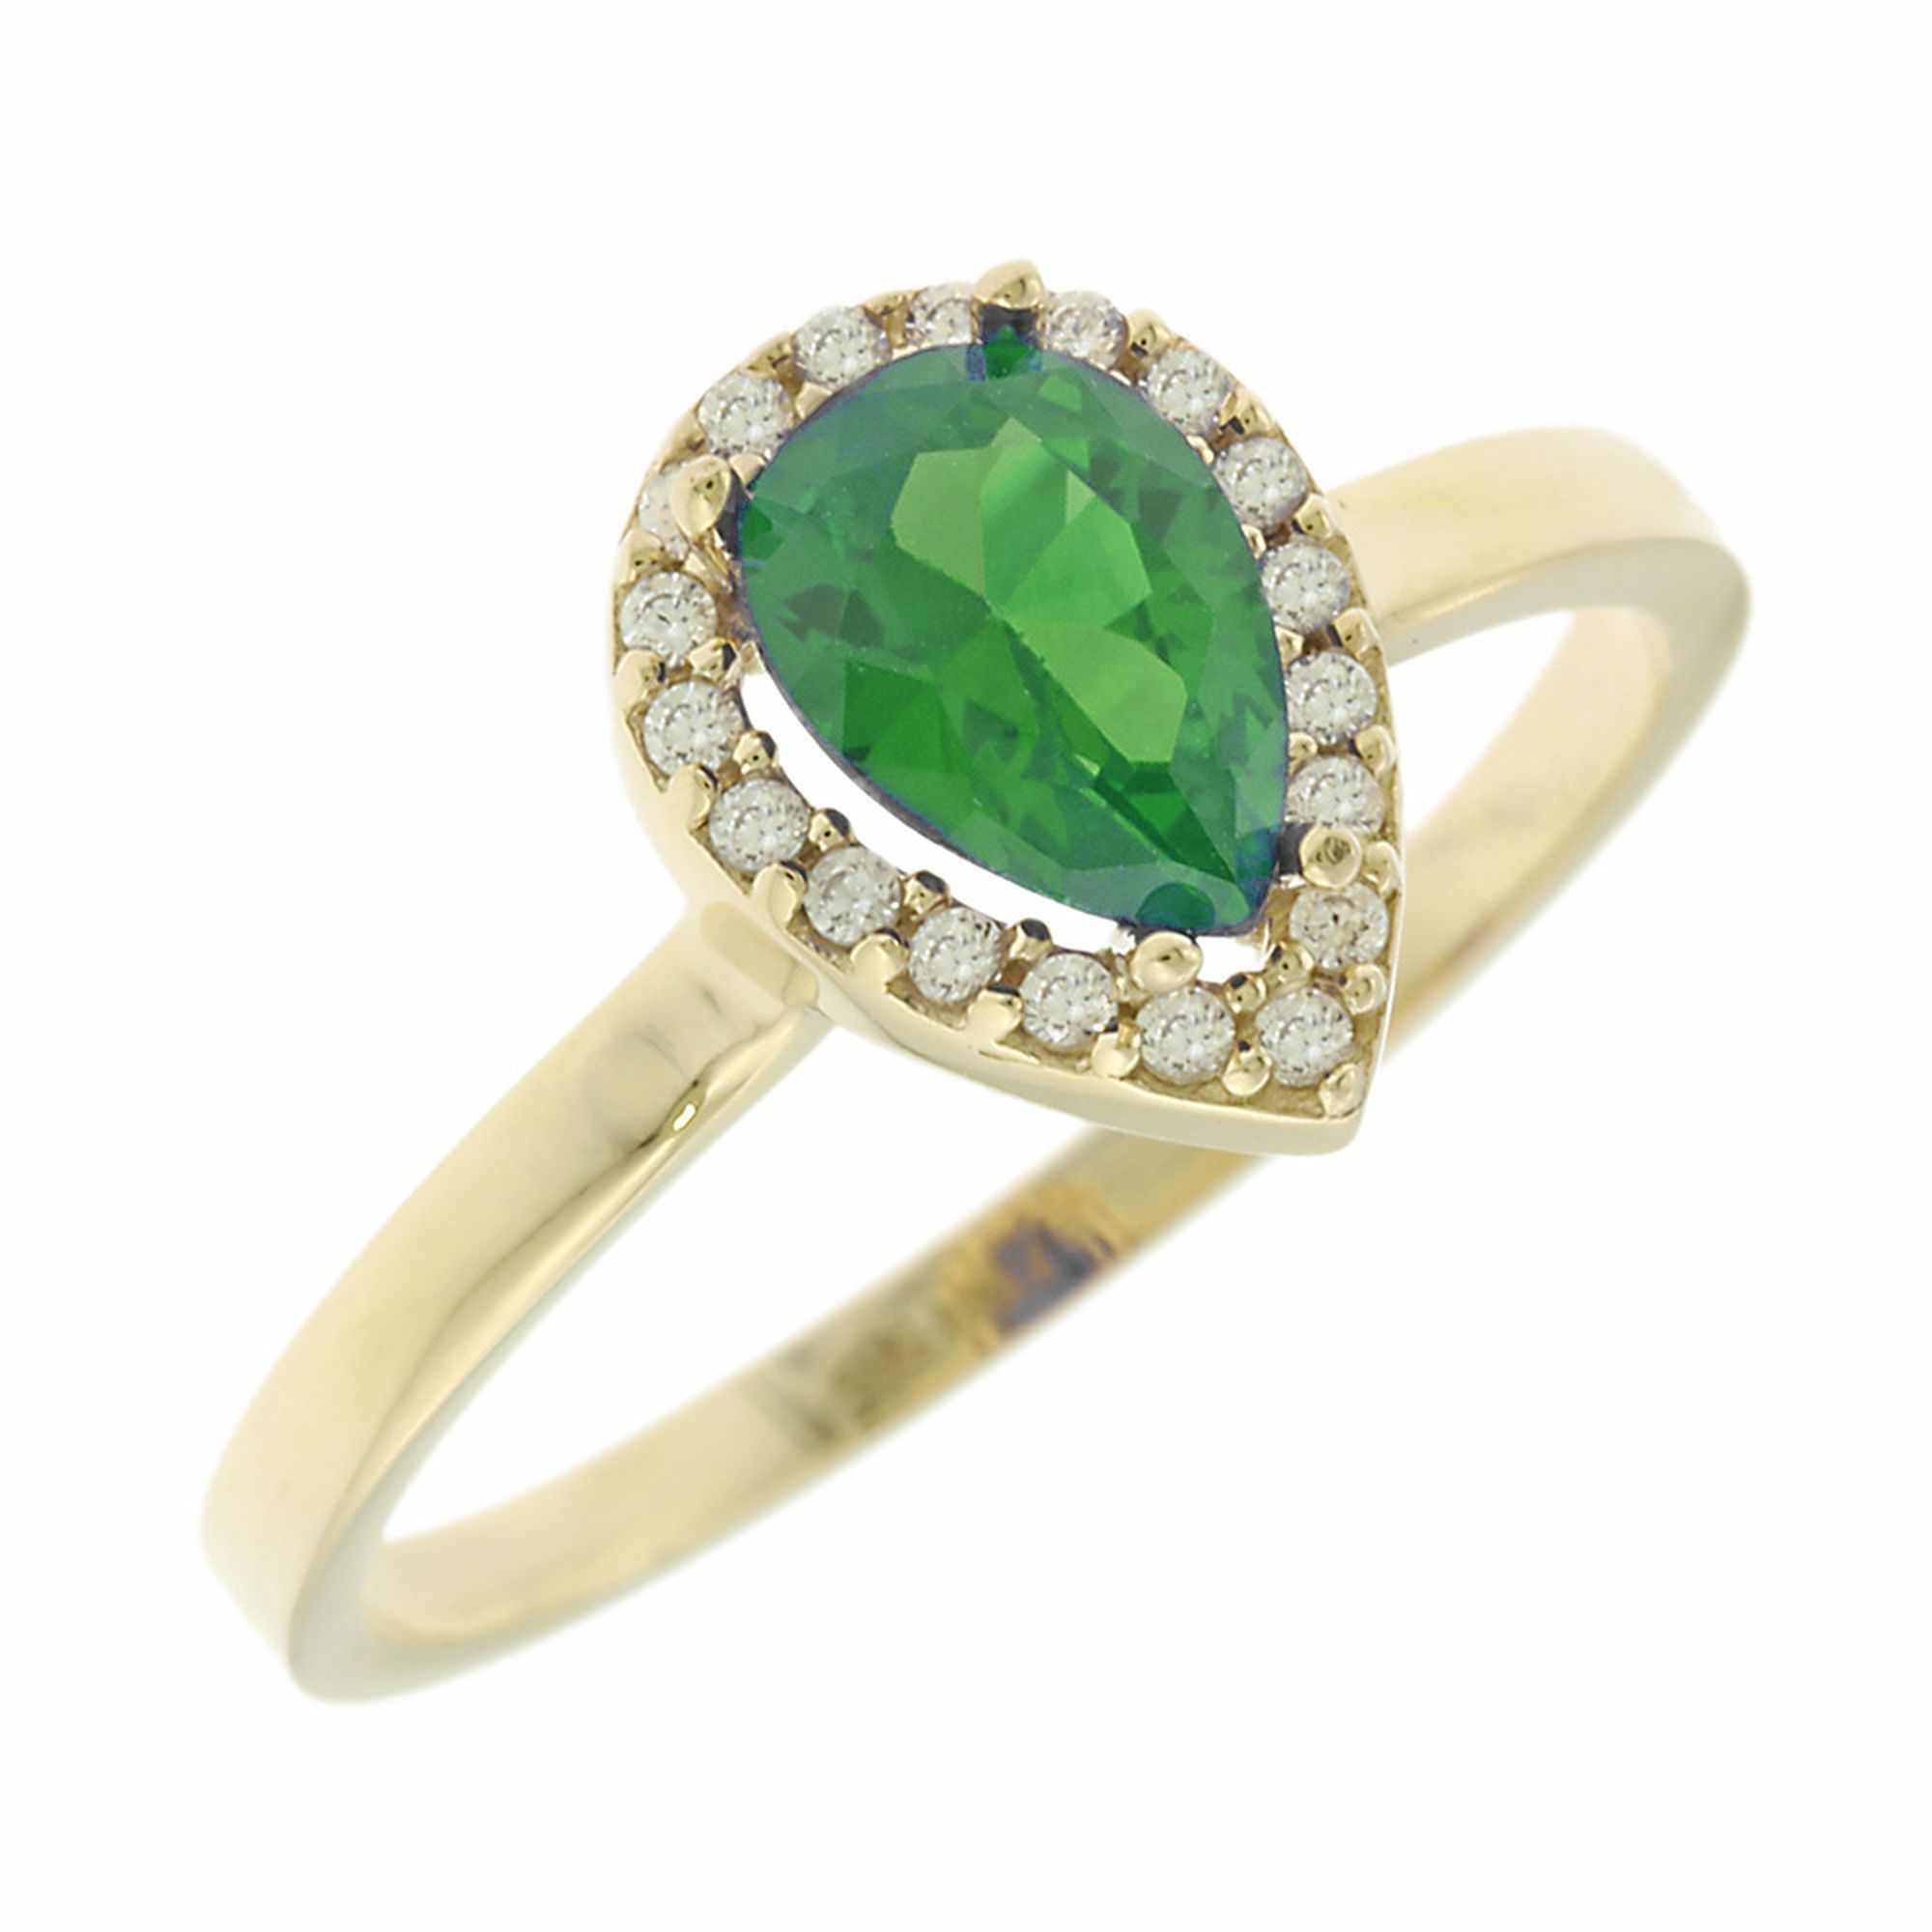 για γυναίκα, jewellery, gift, gifts, gifts for women, daxtilidi, kosmima, kolie, xriso, asimenio,